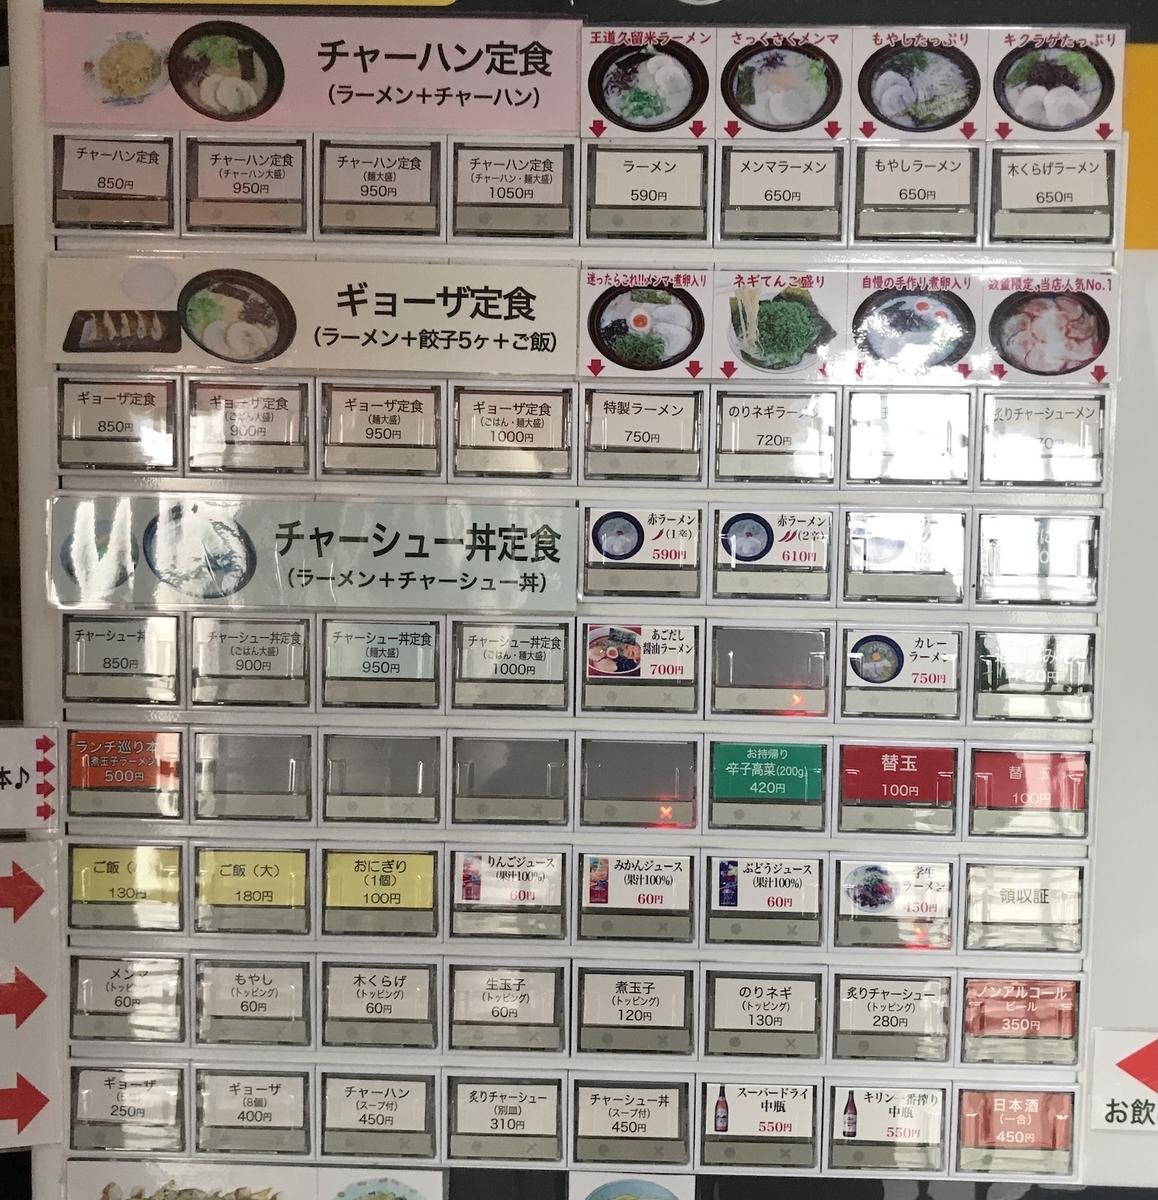 久留米ラーメン金ちゃん 食券機